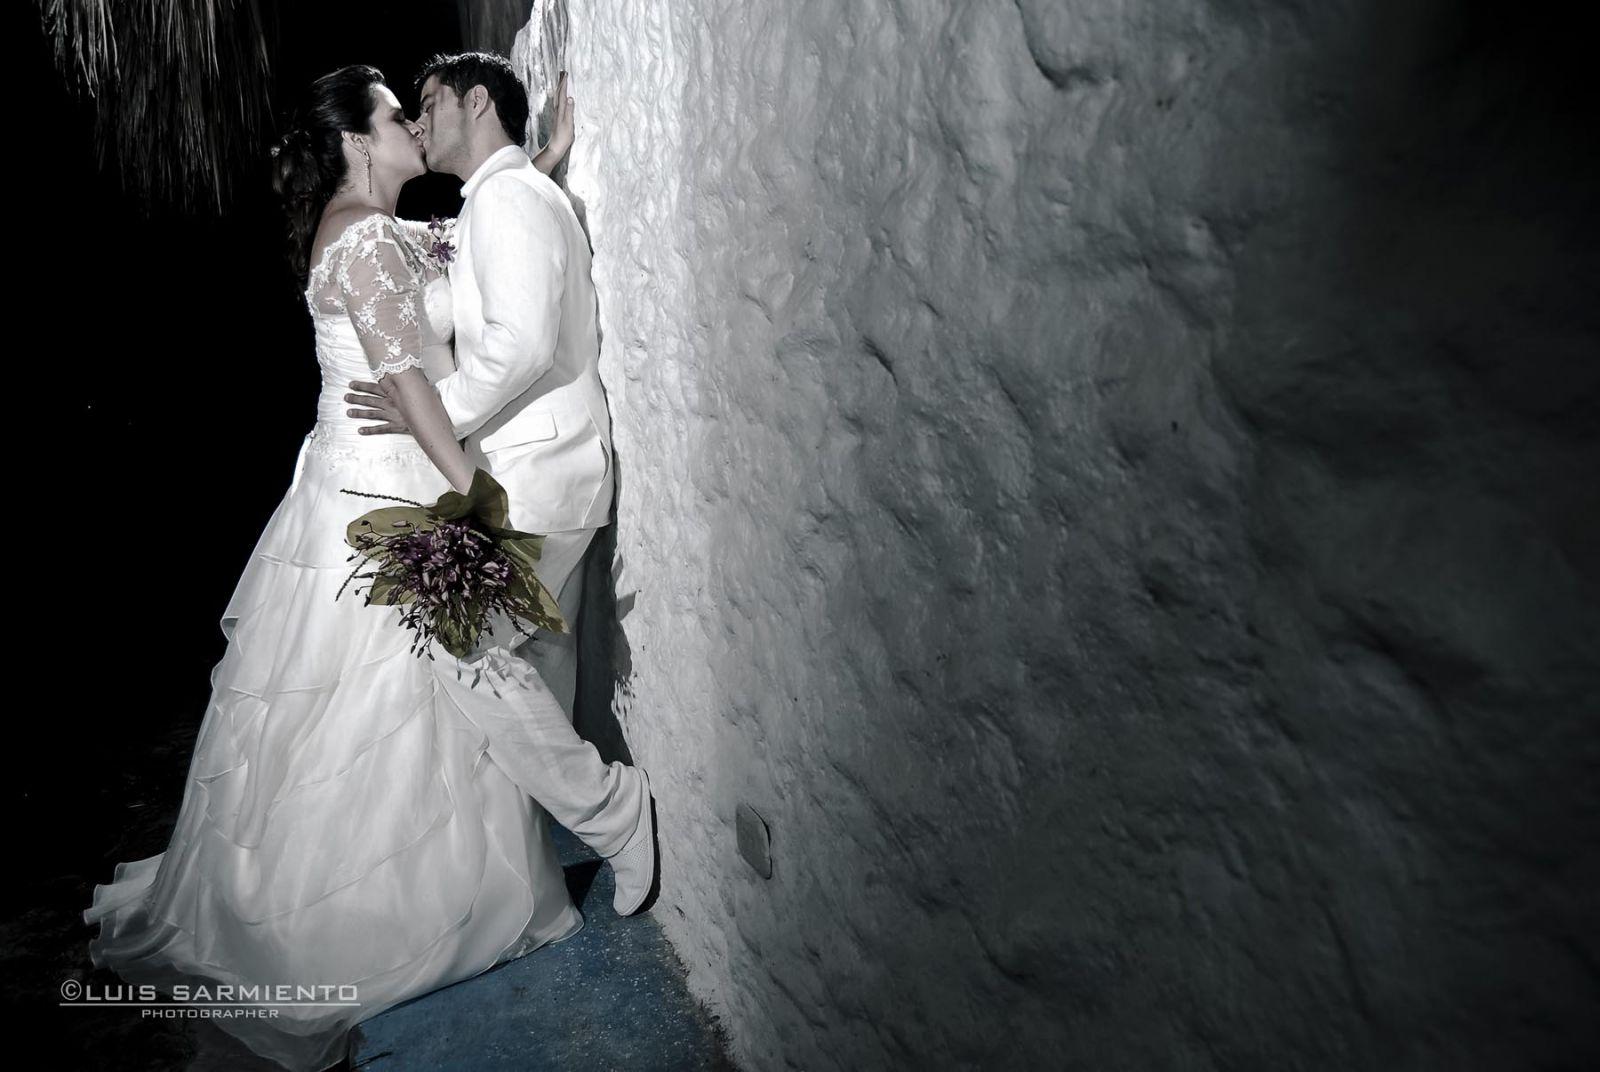 Wedding & others